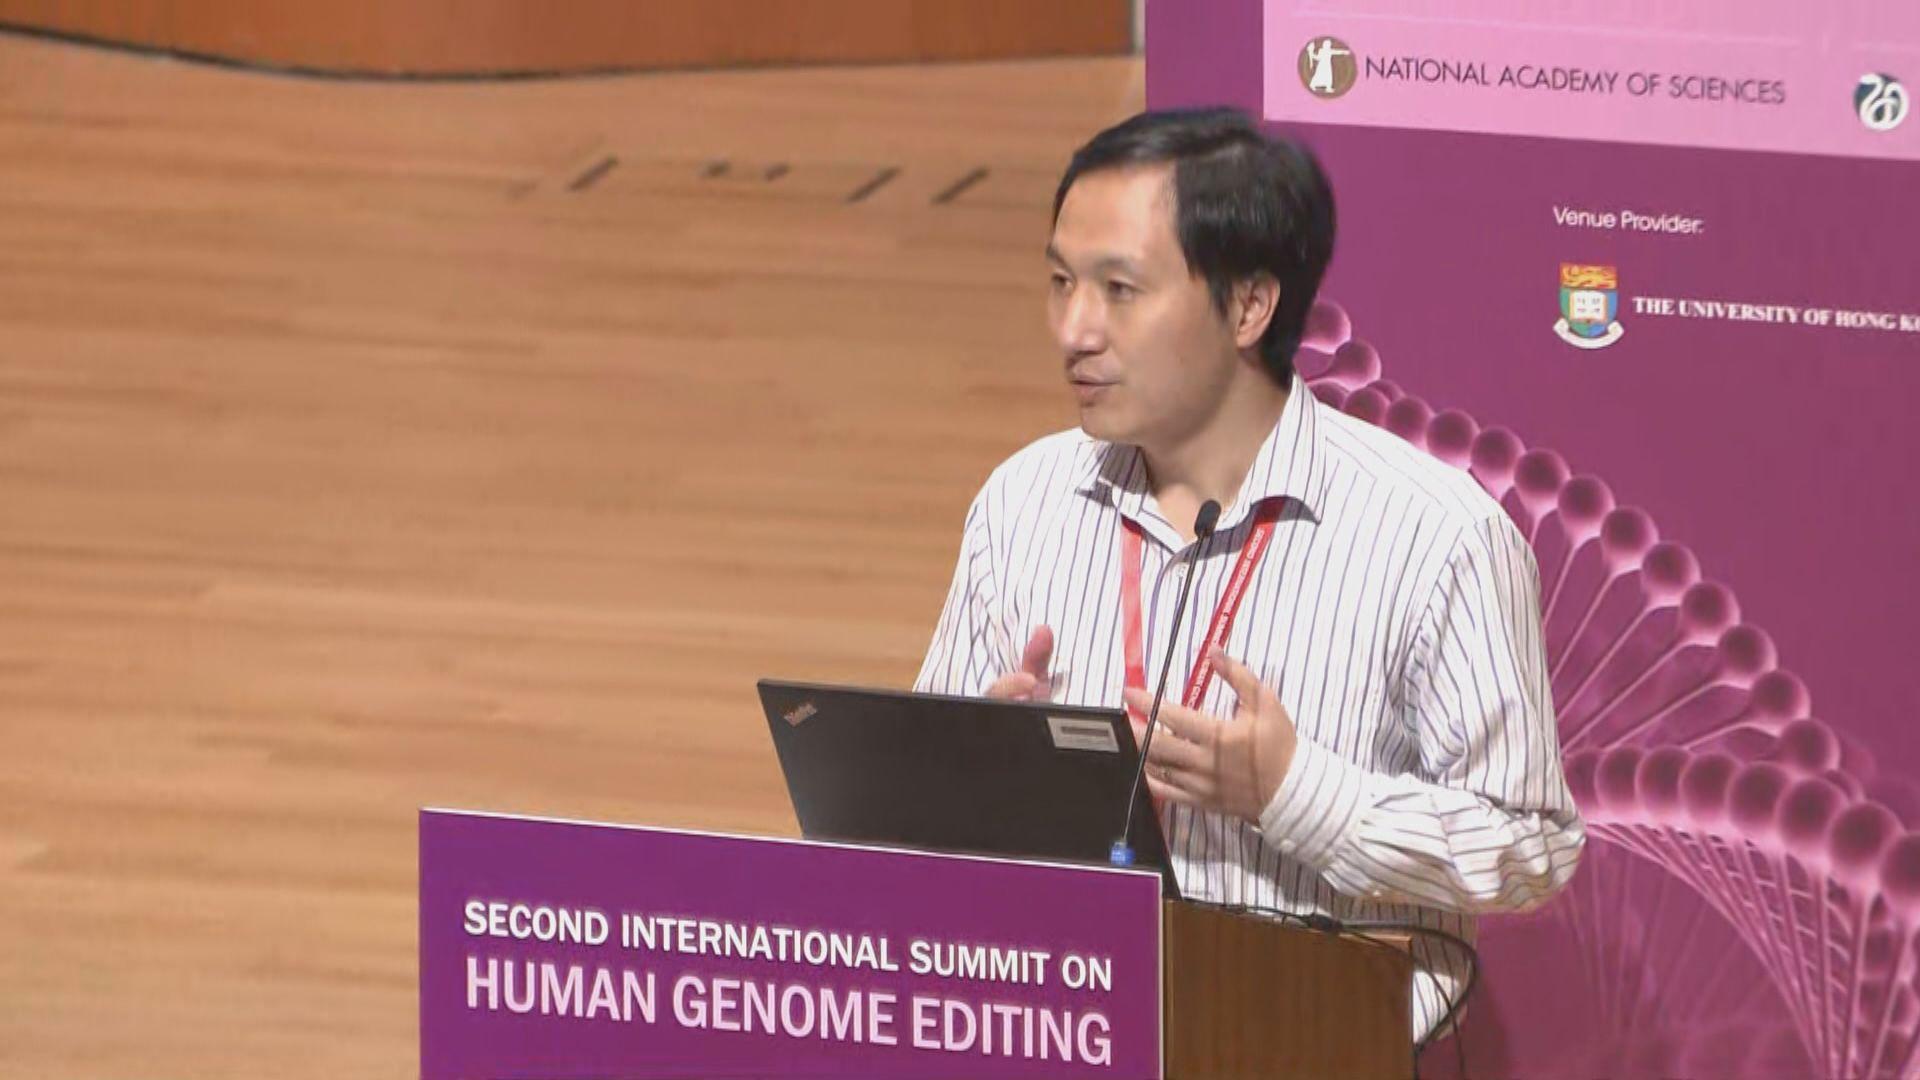 基因國際峰會籌委會批賀建奎研究不負責任